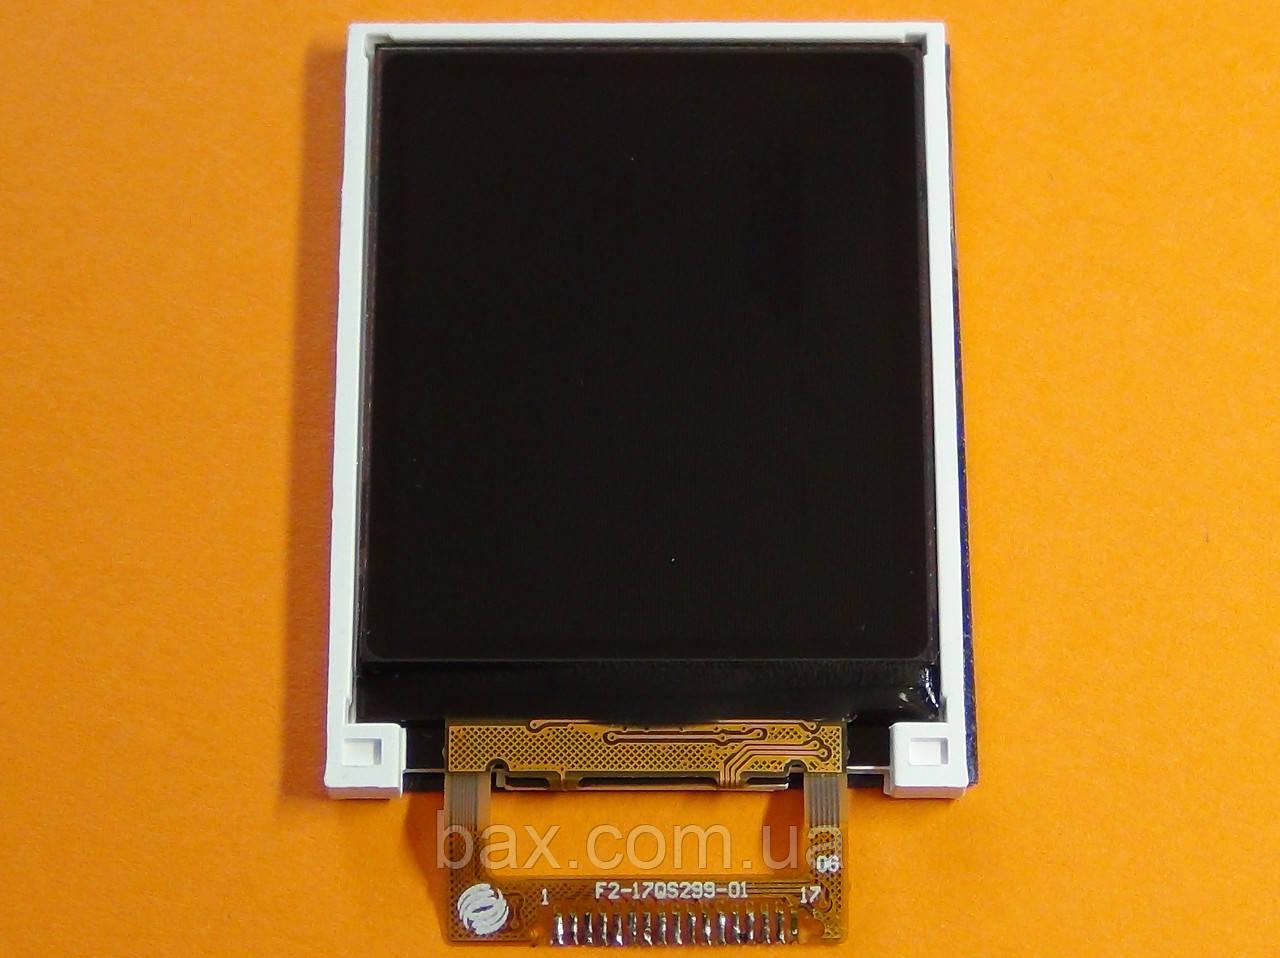 Ergo F183 дисплей (оригинальный) F2-17QS299-01